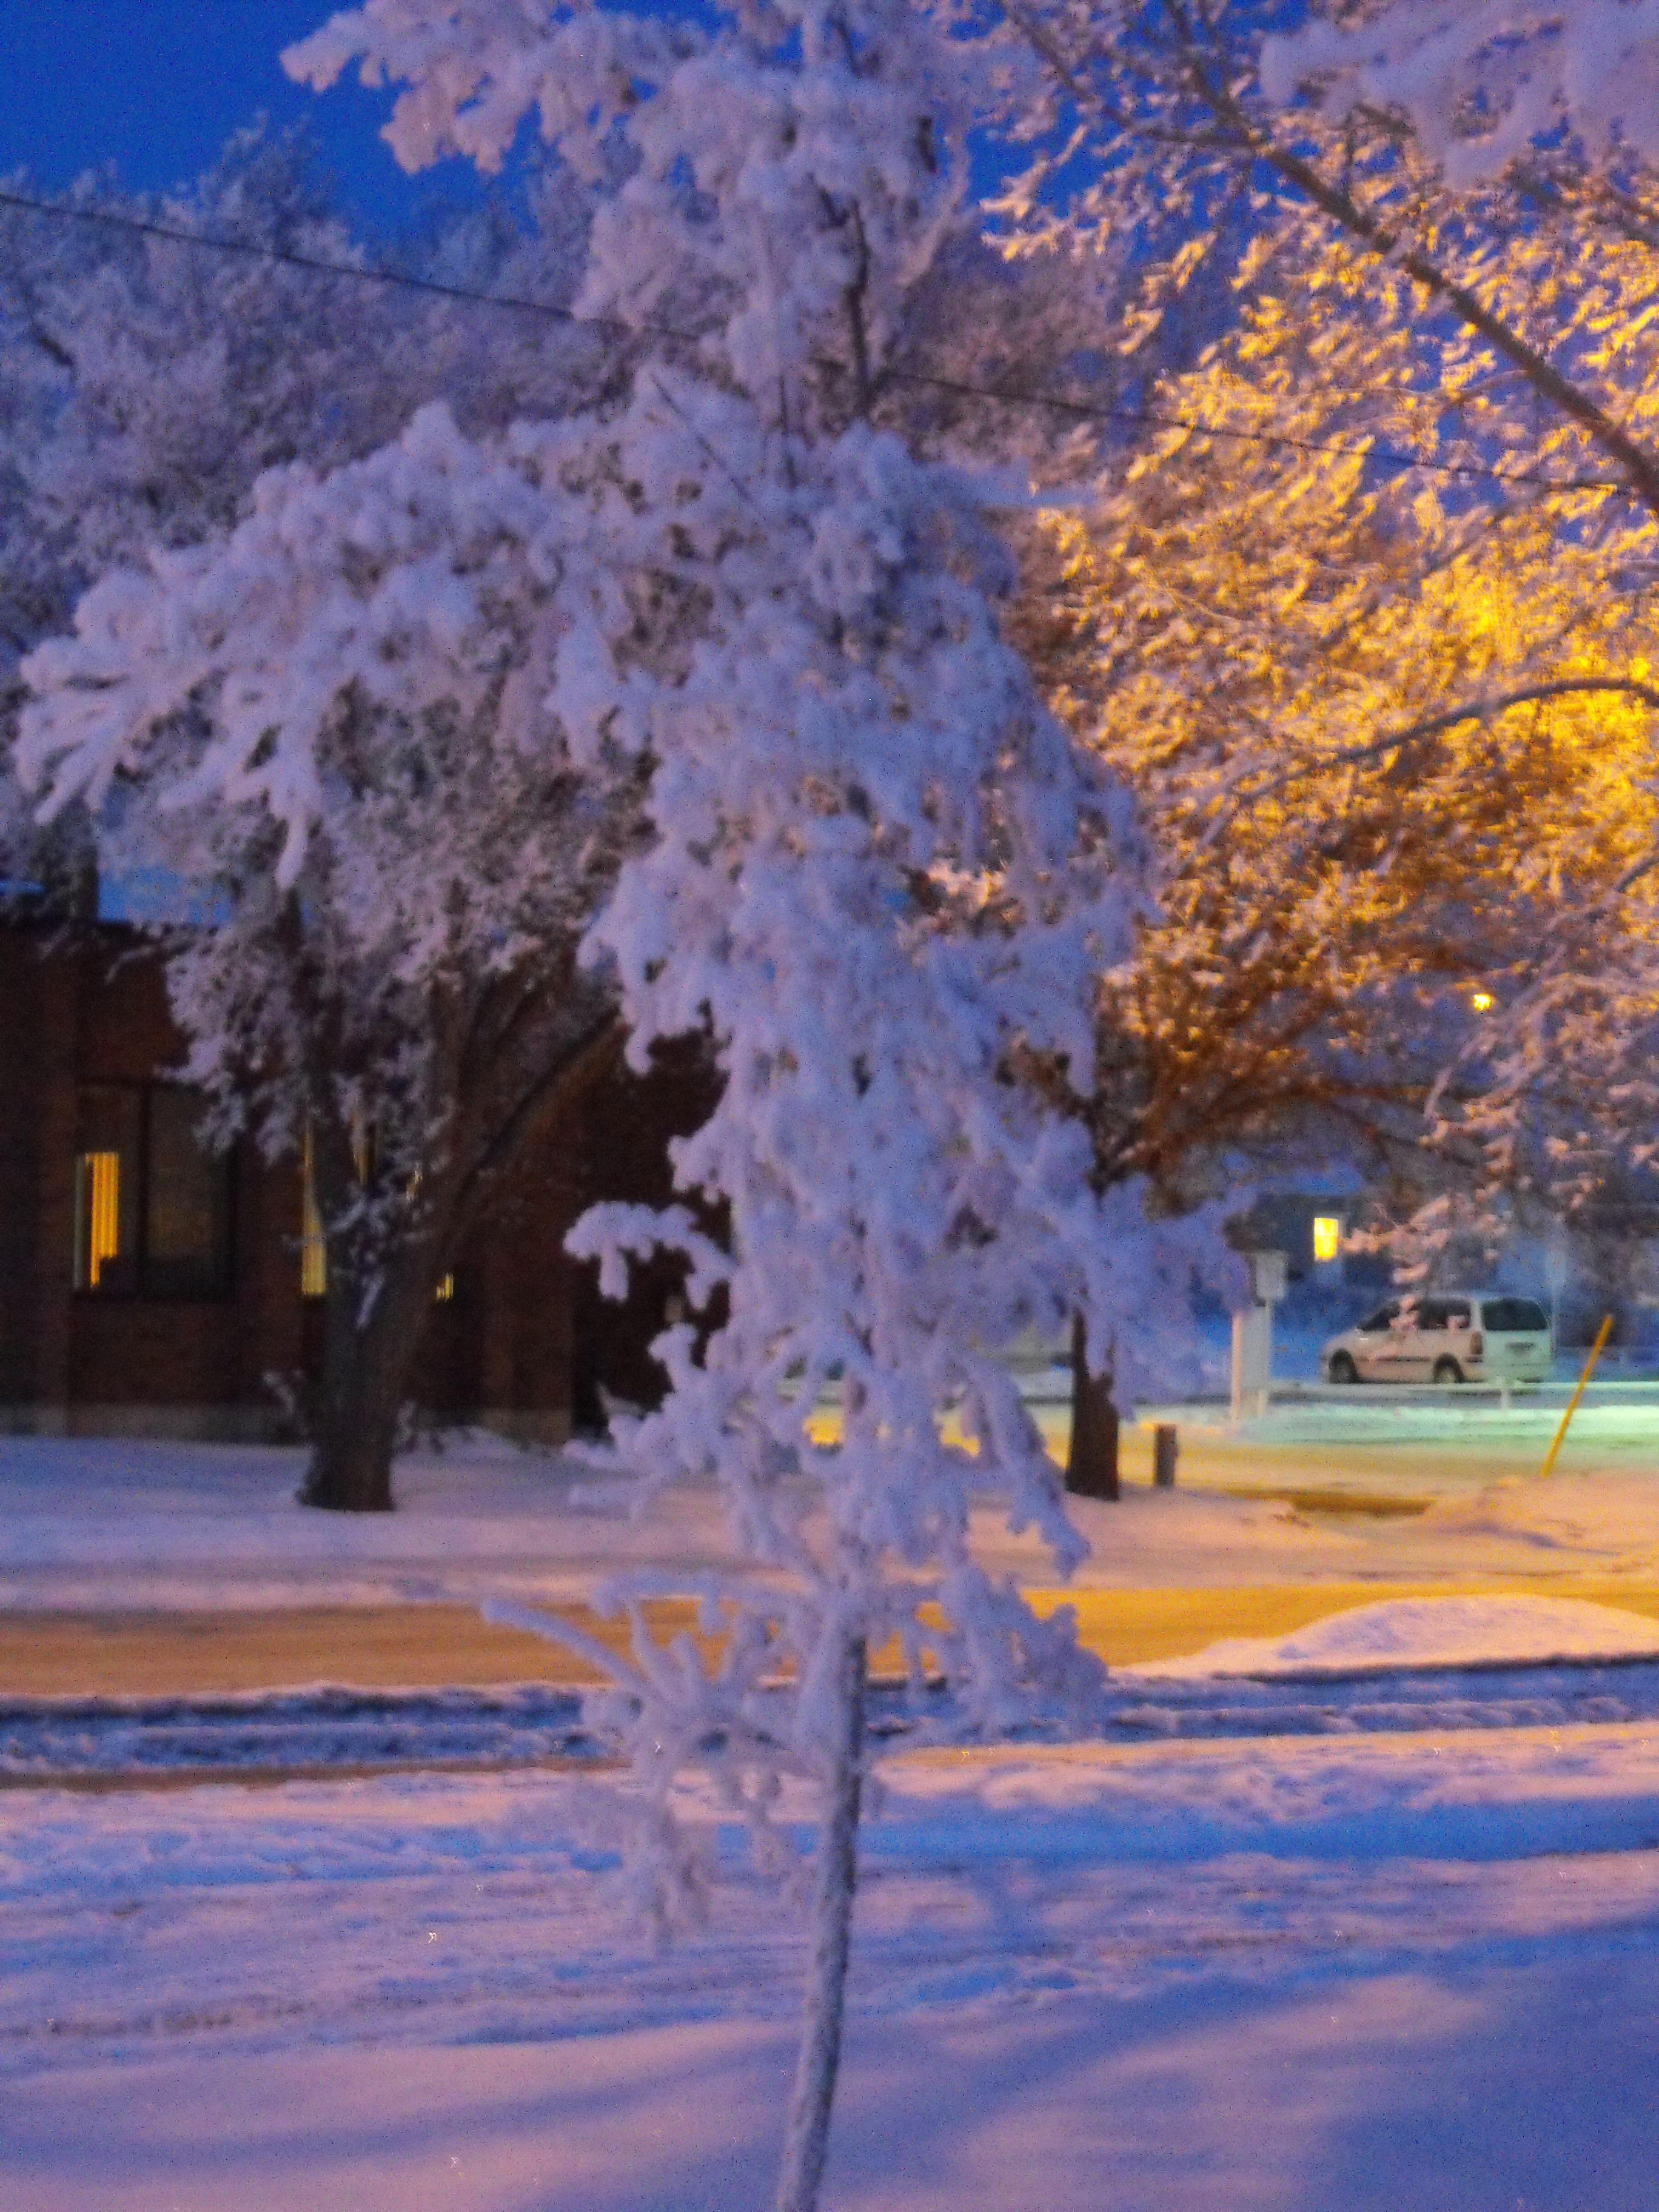 Snowy street photo